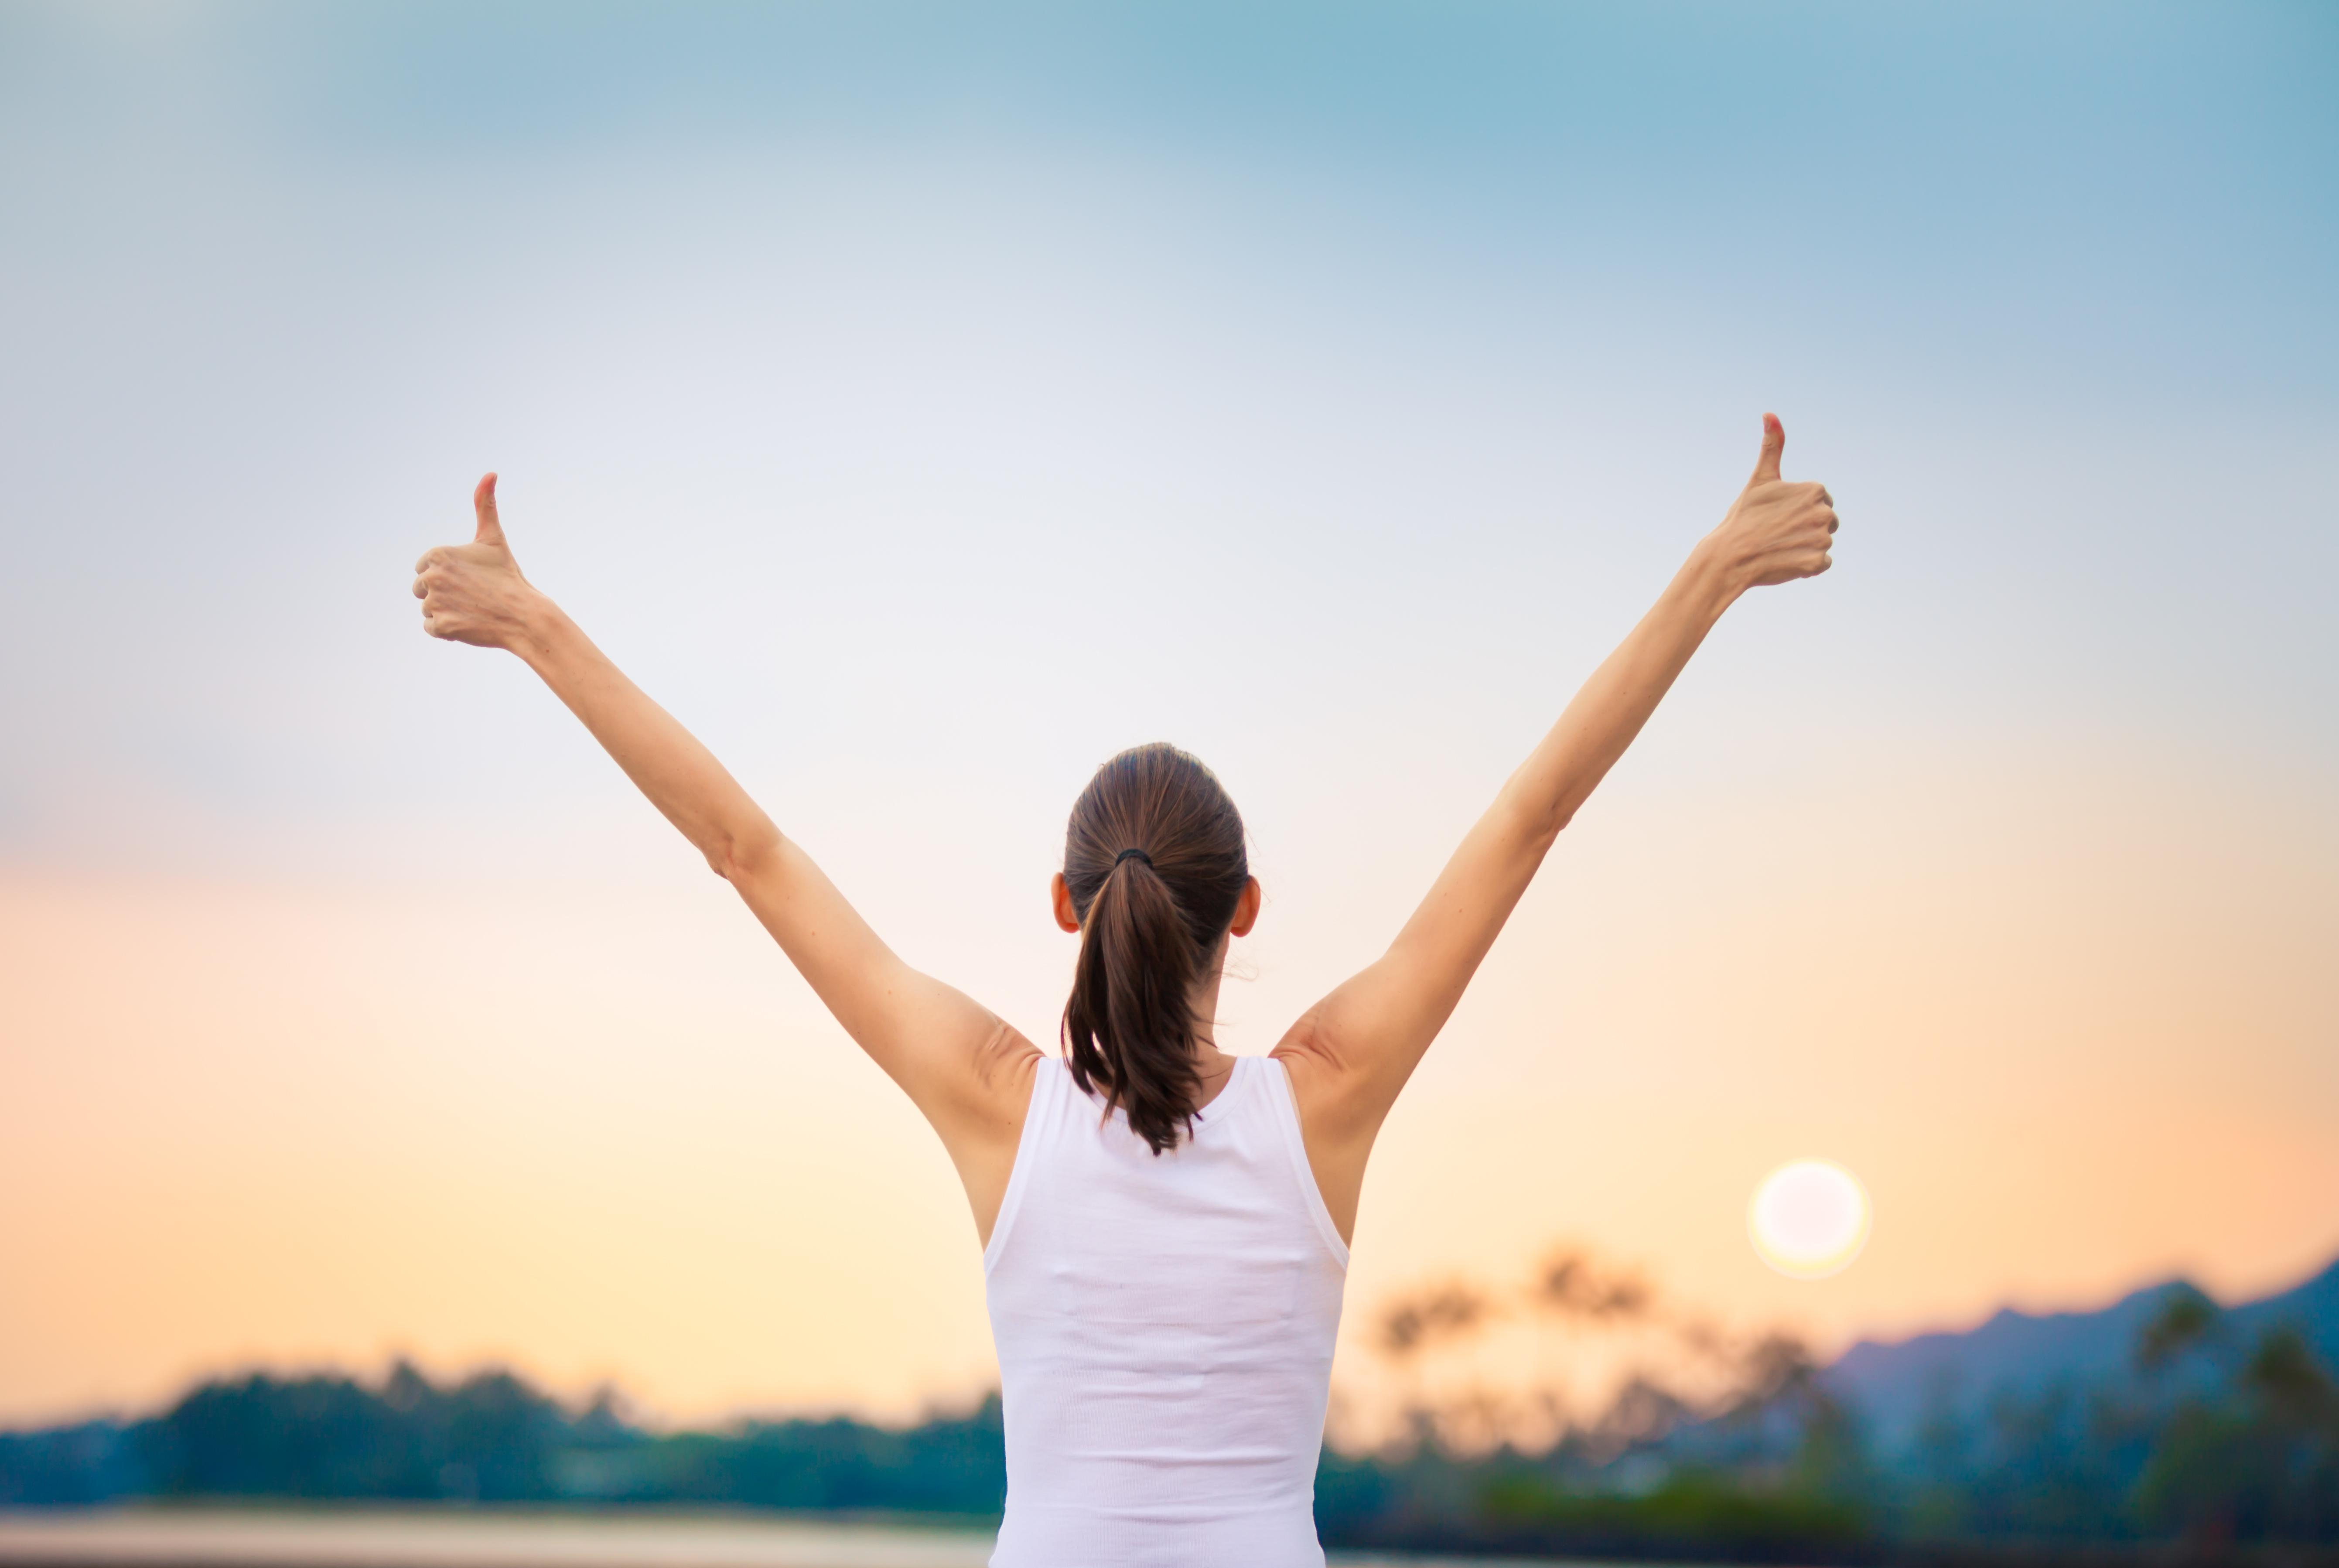 Челендж життя: як придумати випробування себе й успішно її пройти